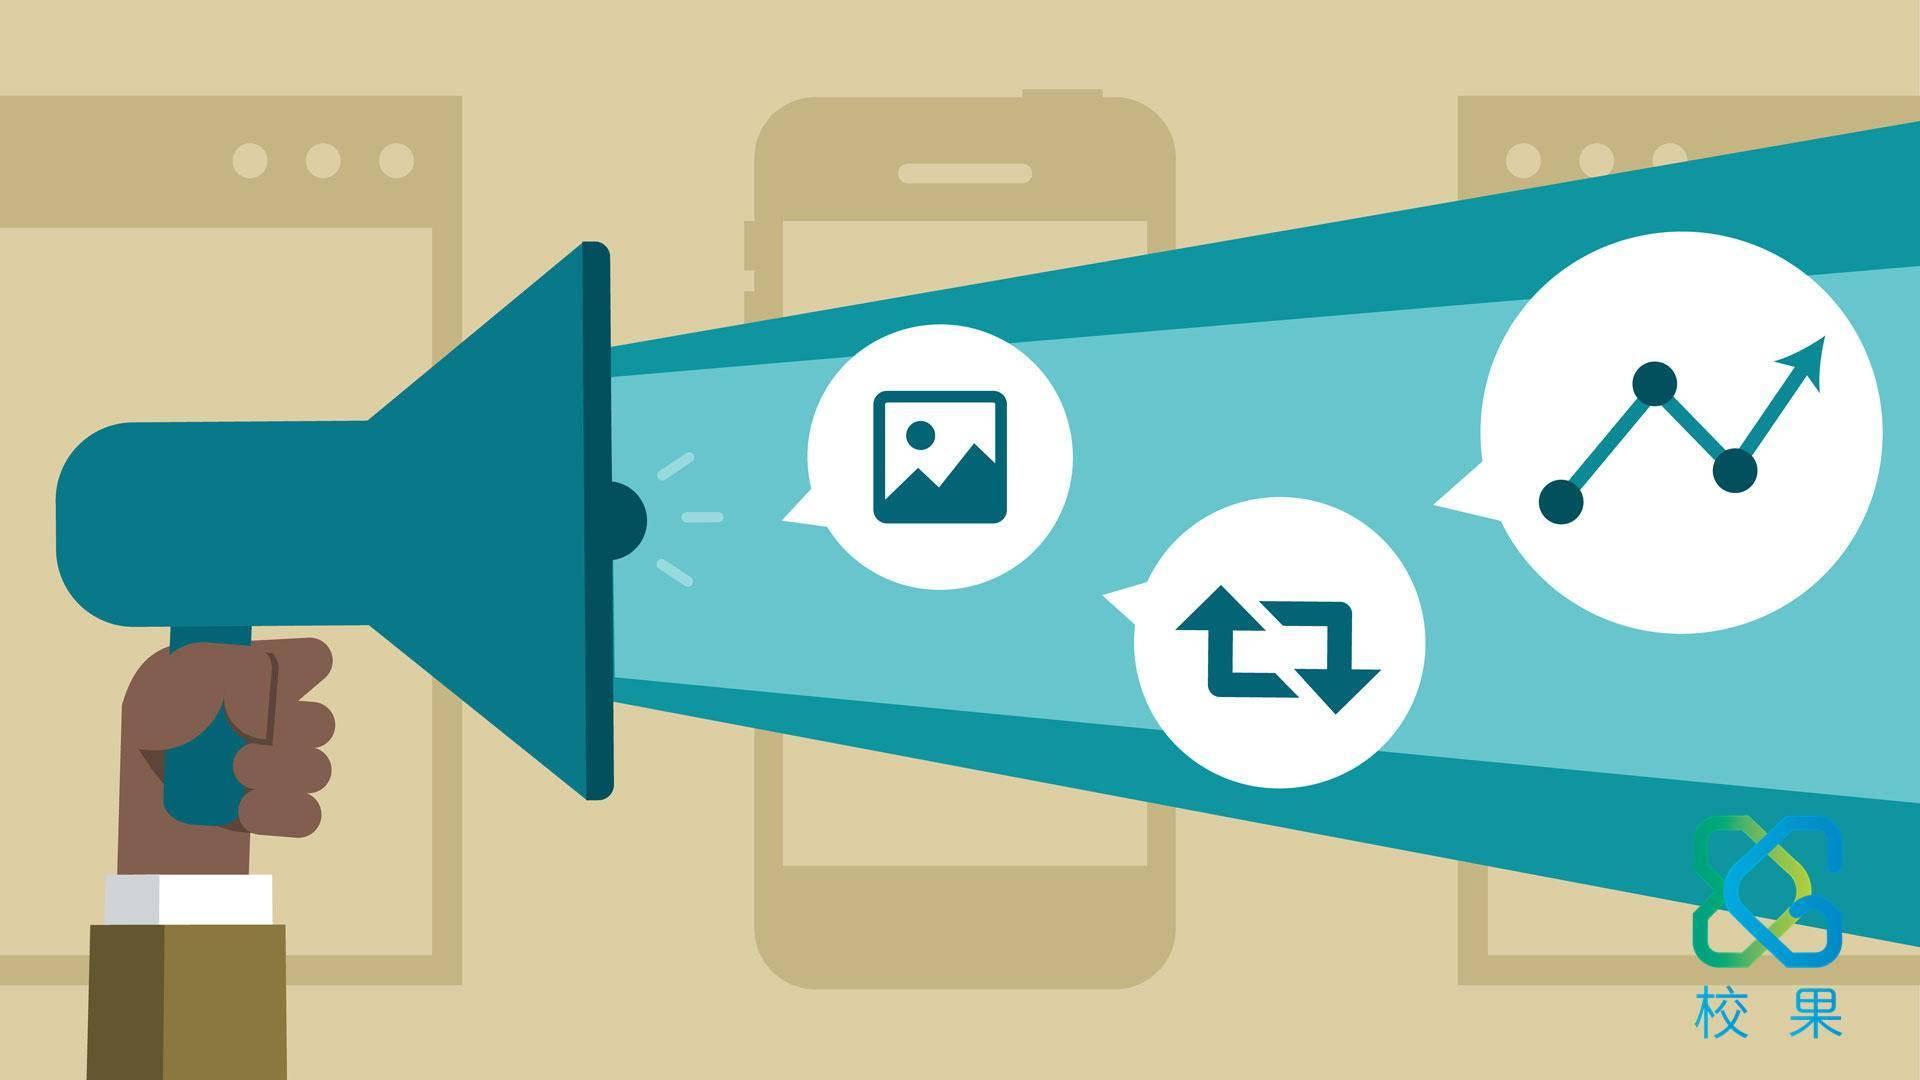 在网络进行营销中常用的7种网络营销方法